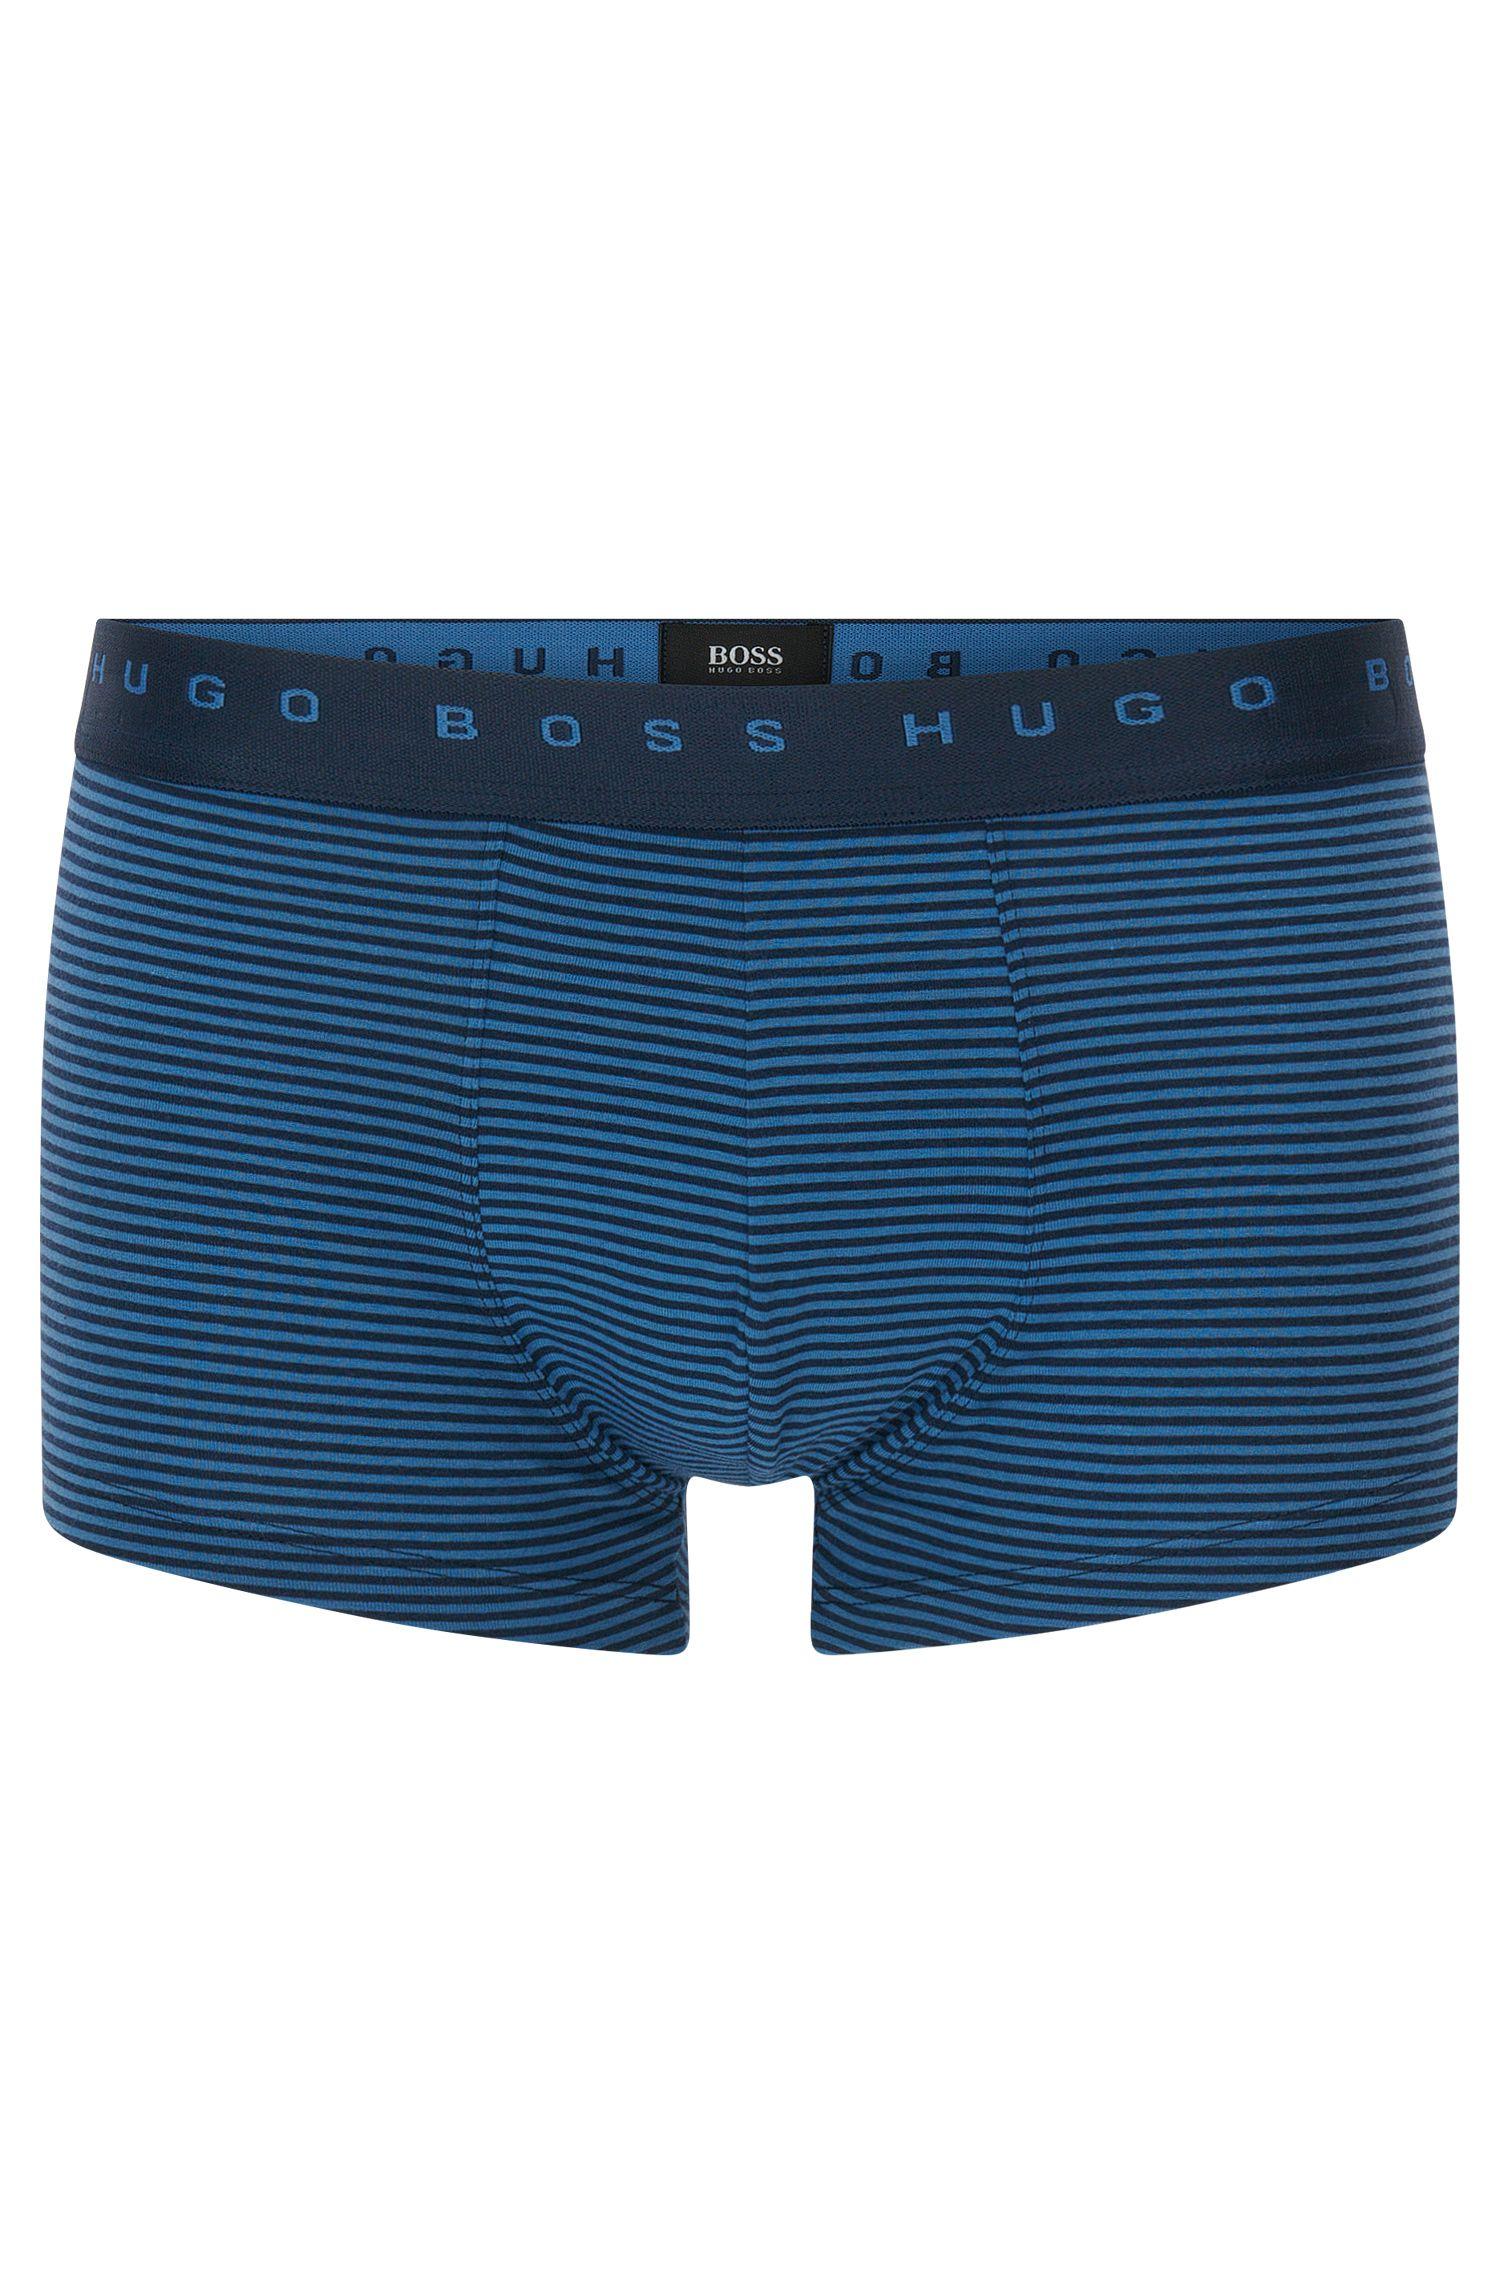 Boxer a righe in cotone elasticizzato: 'Trunk Finestripe'